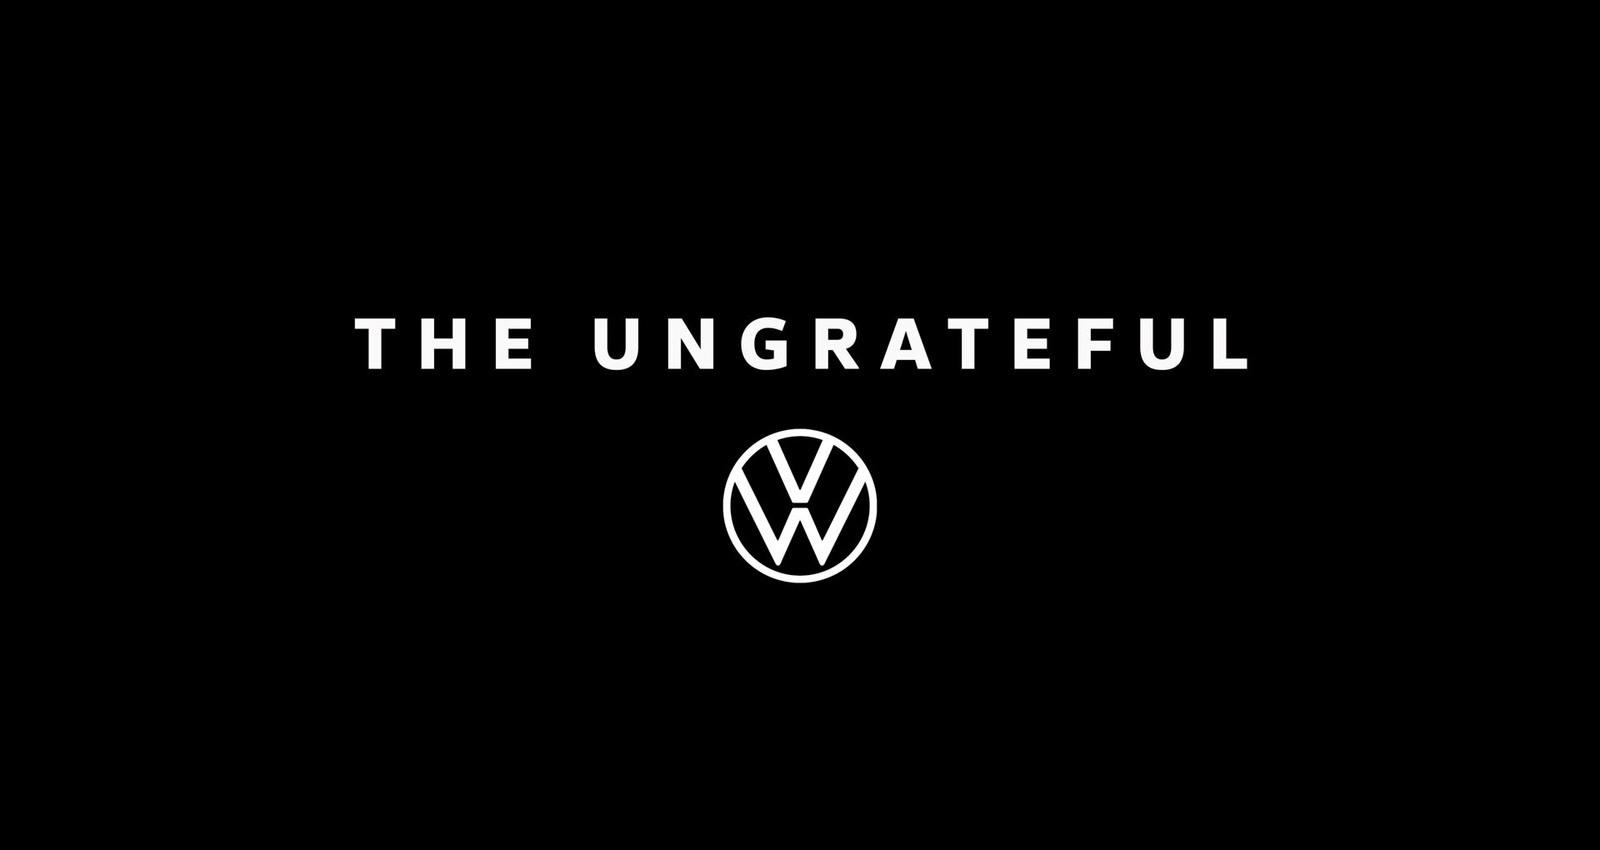 The Ungrateful